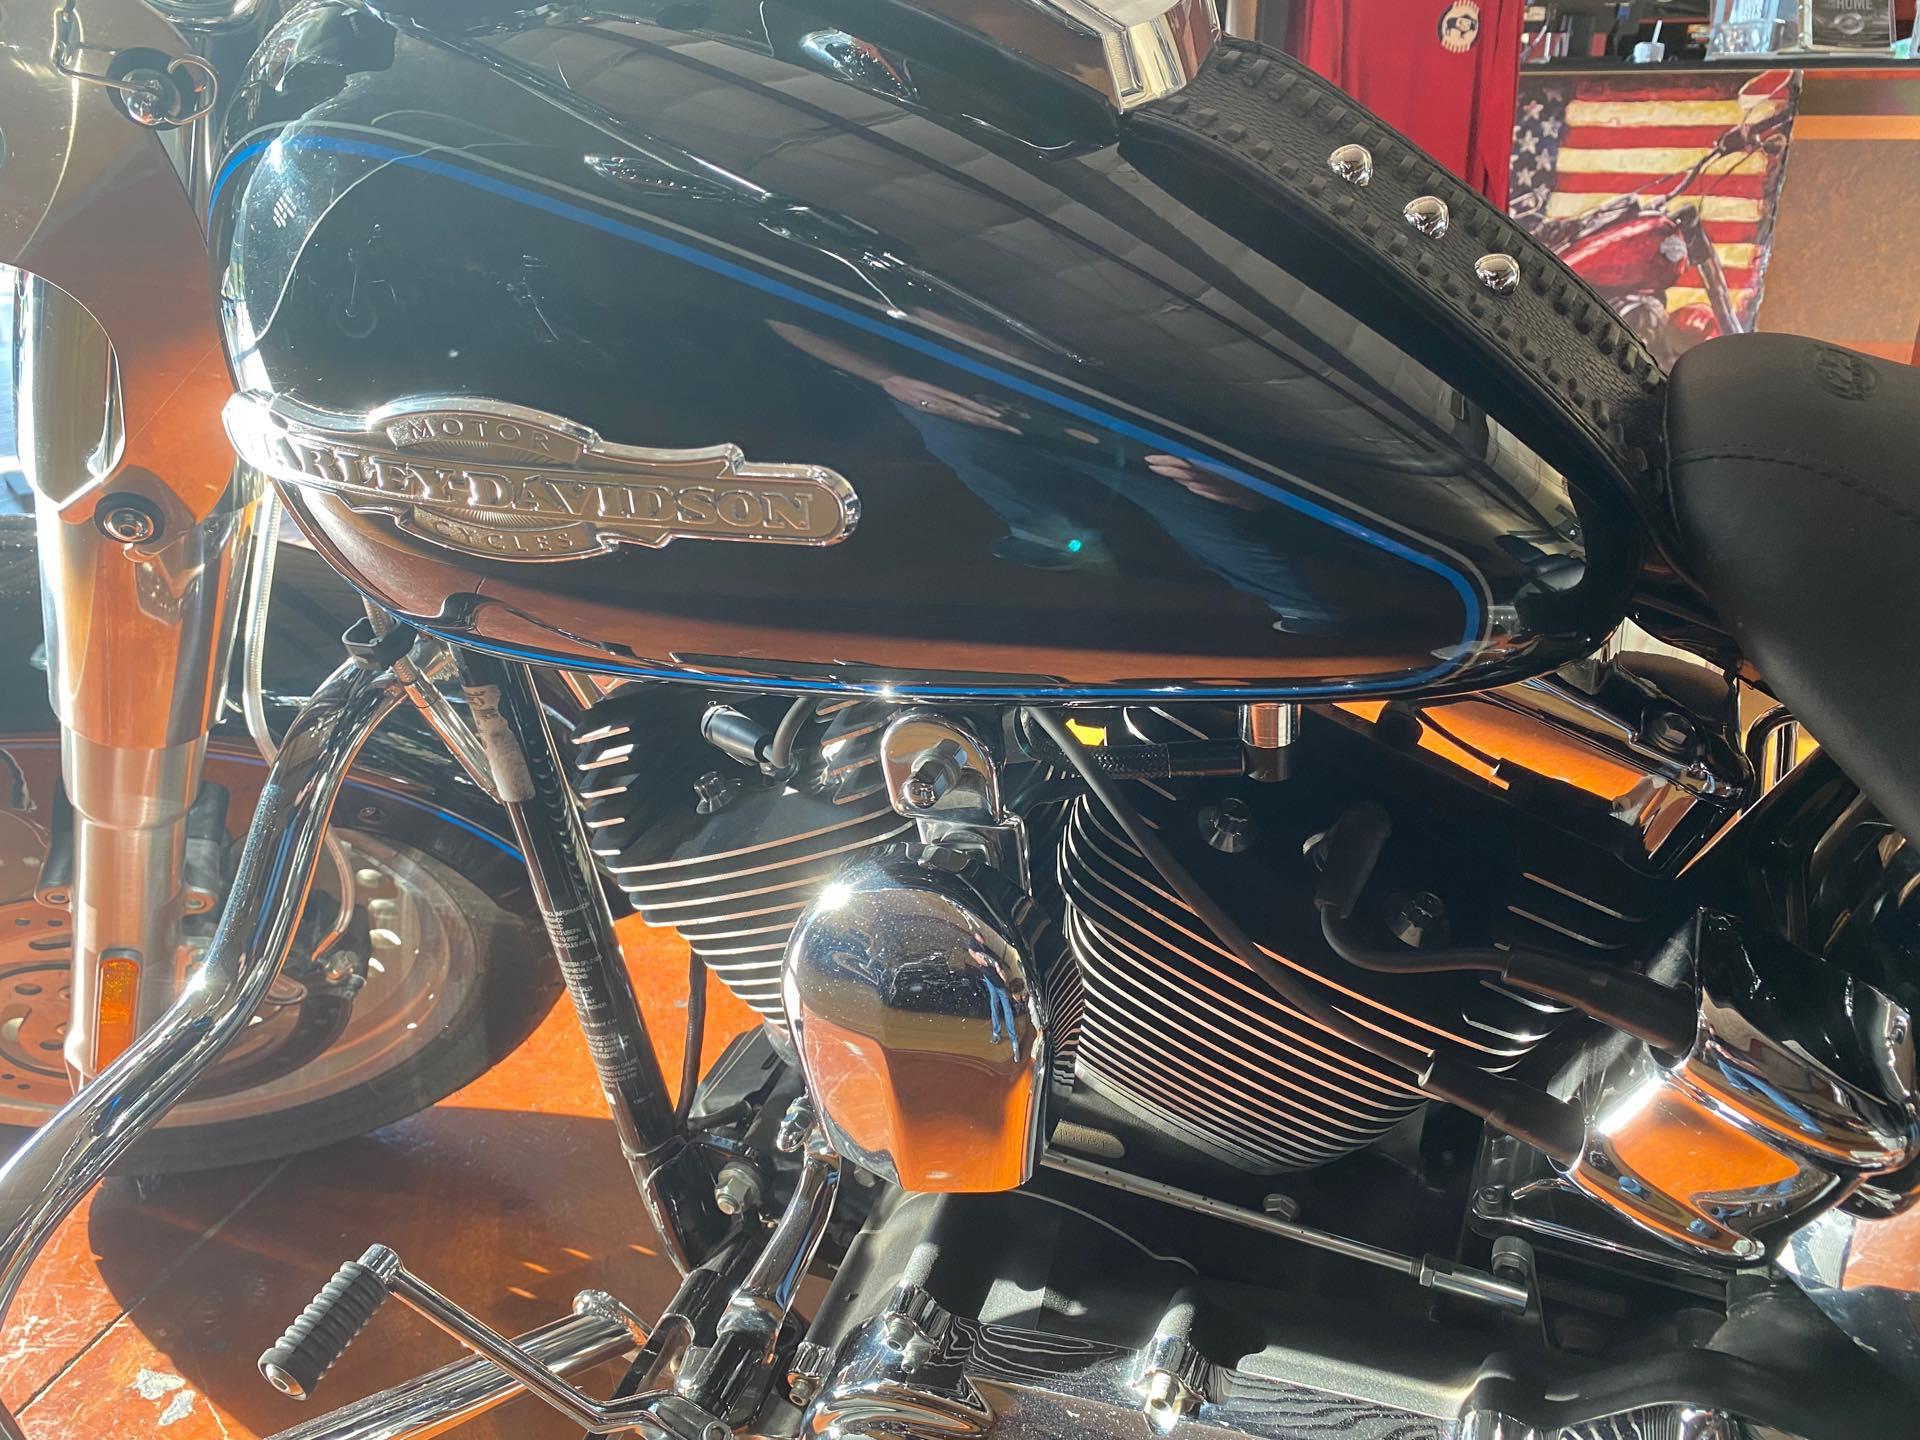 2009 Harley-Davidson Softail Fat Boy at Gold Star Harley-Davidson